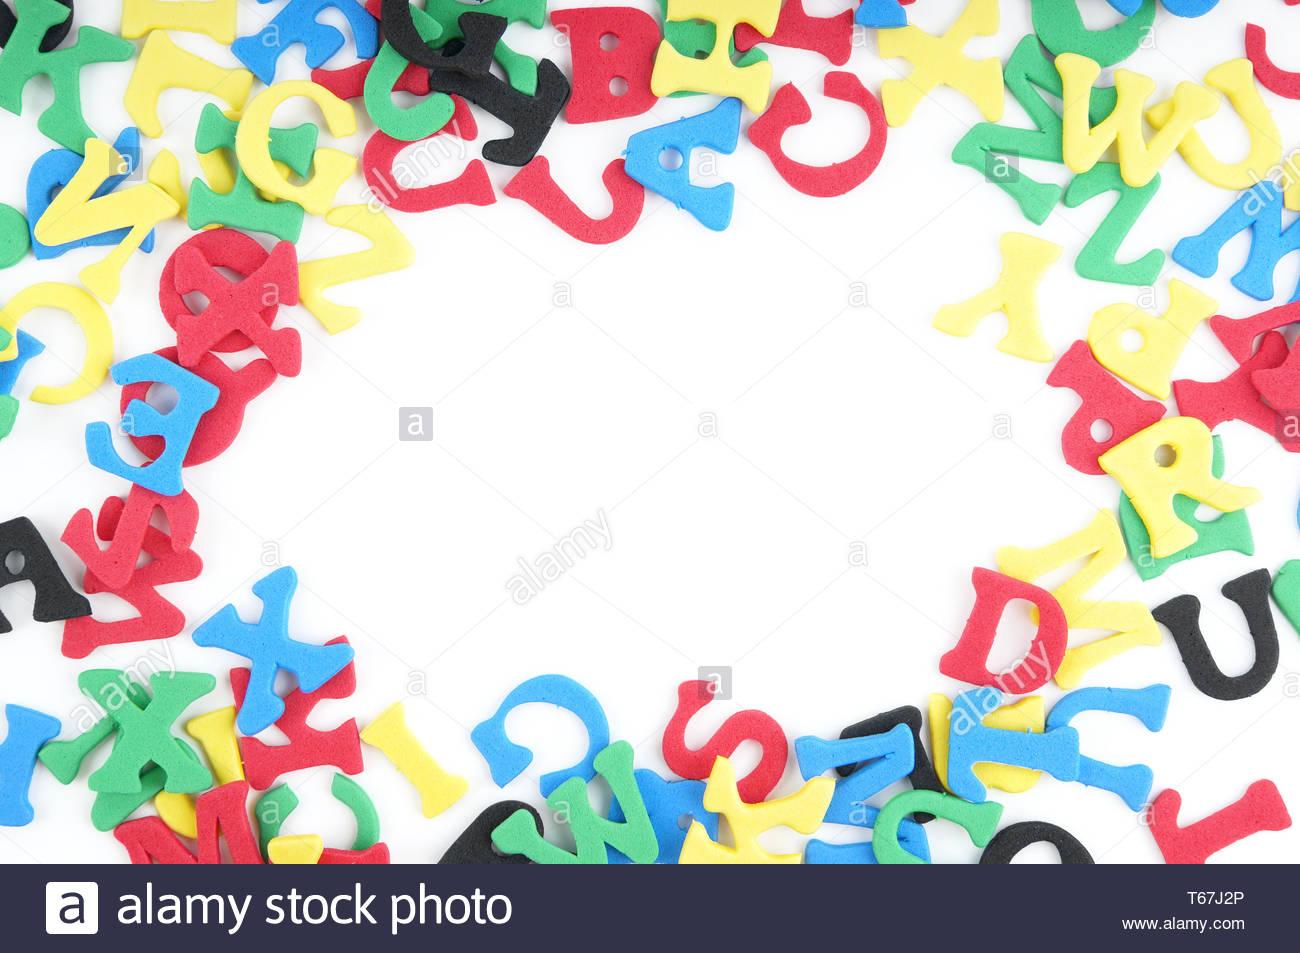 Accozzaglia di colorati in gomma espansa lettere Immagini Stock